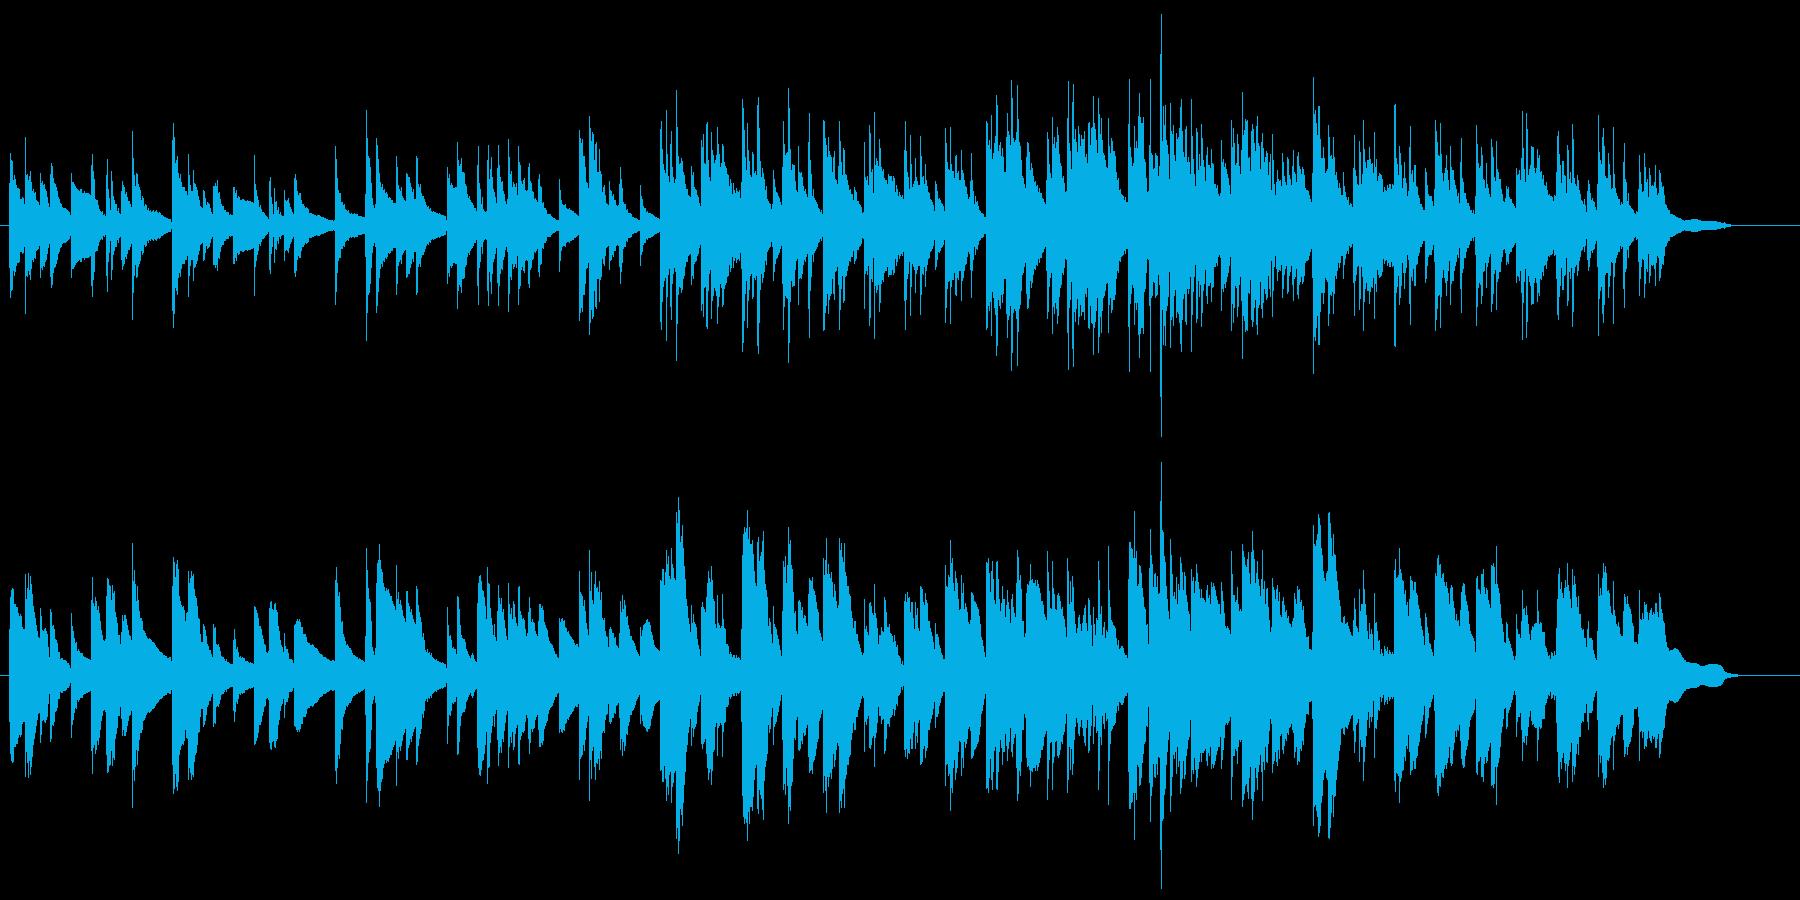 2本のギターによる柔らかい曲の再生済みの波形